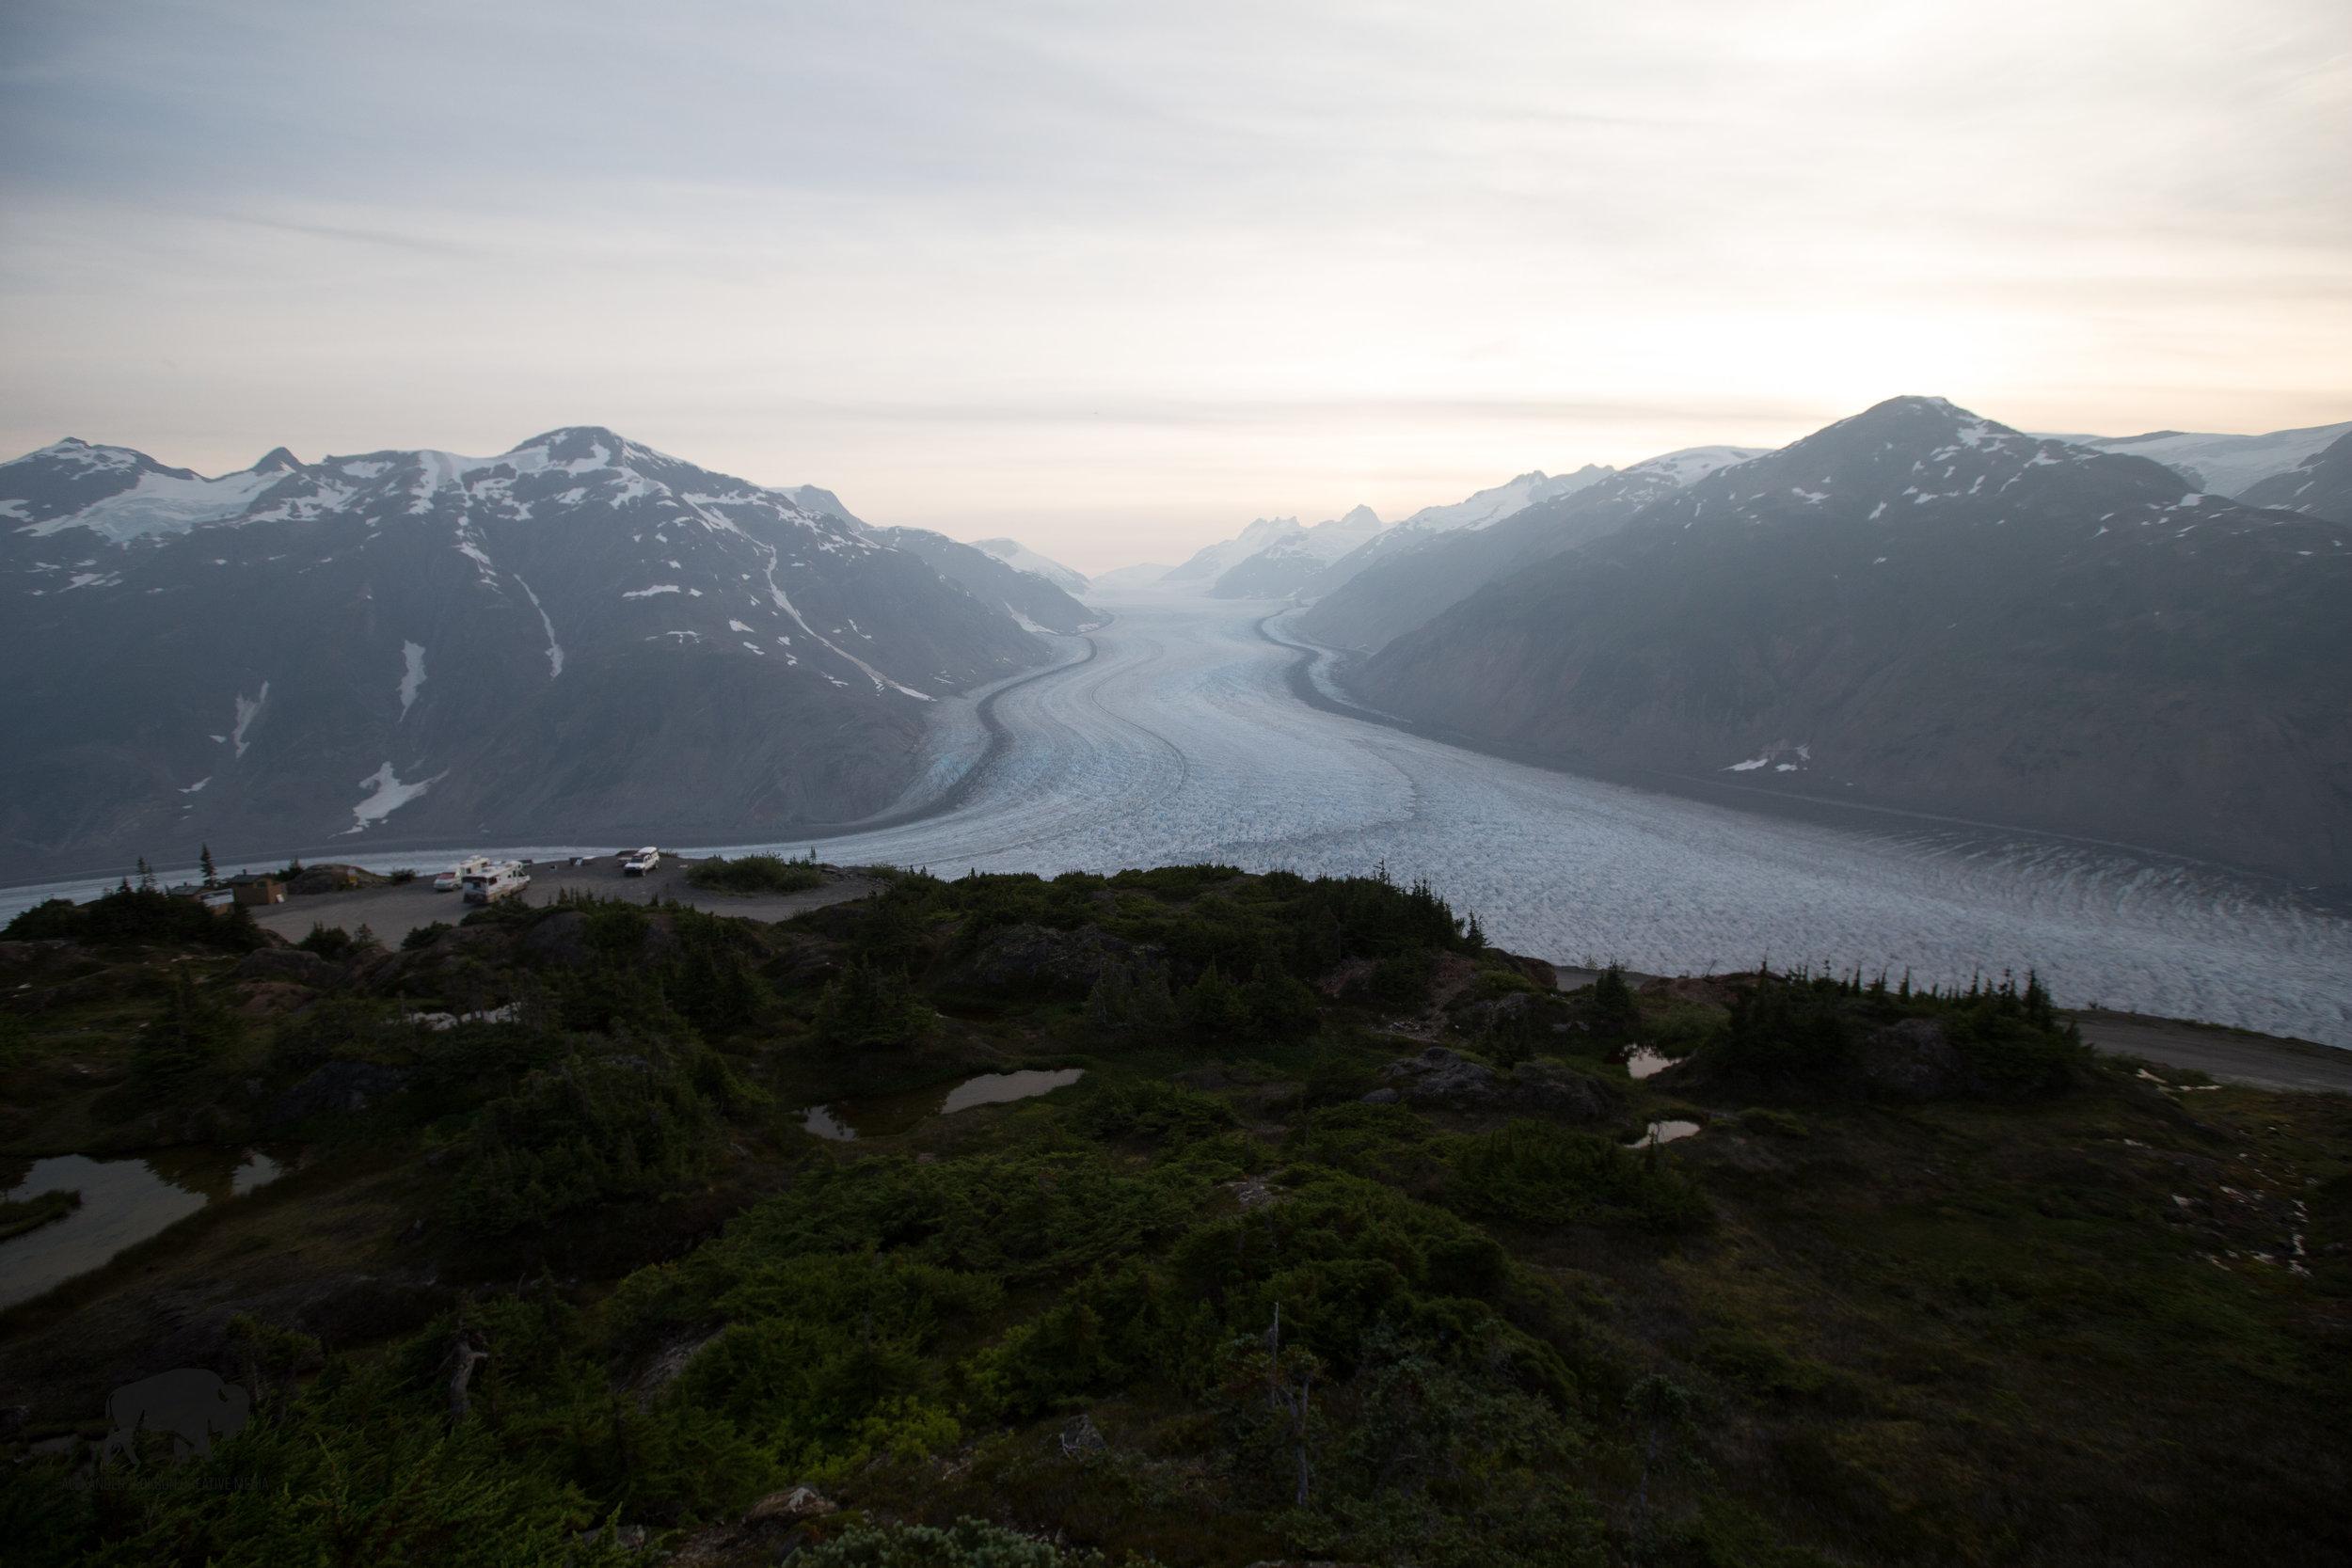 That's a big glacier.